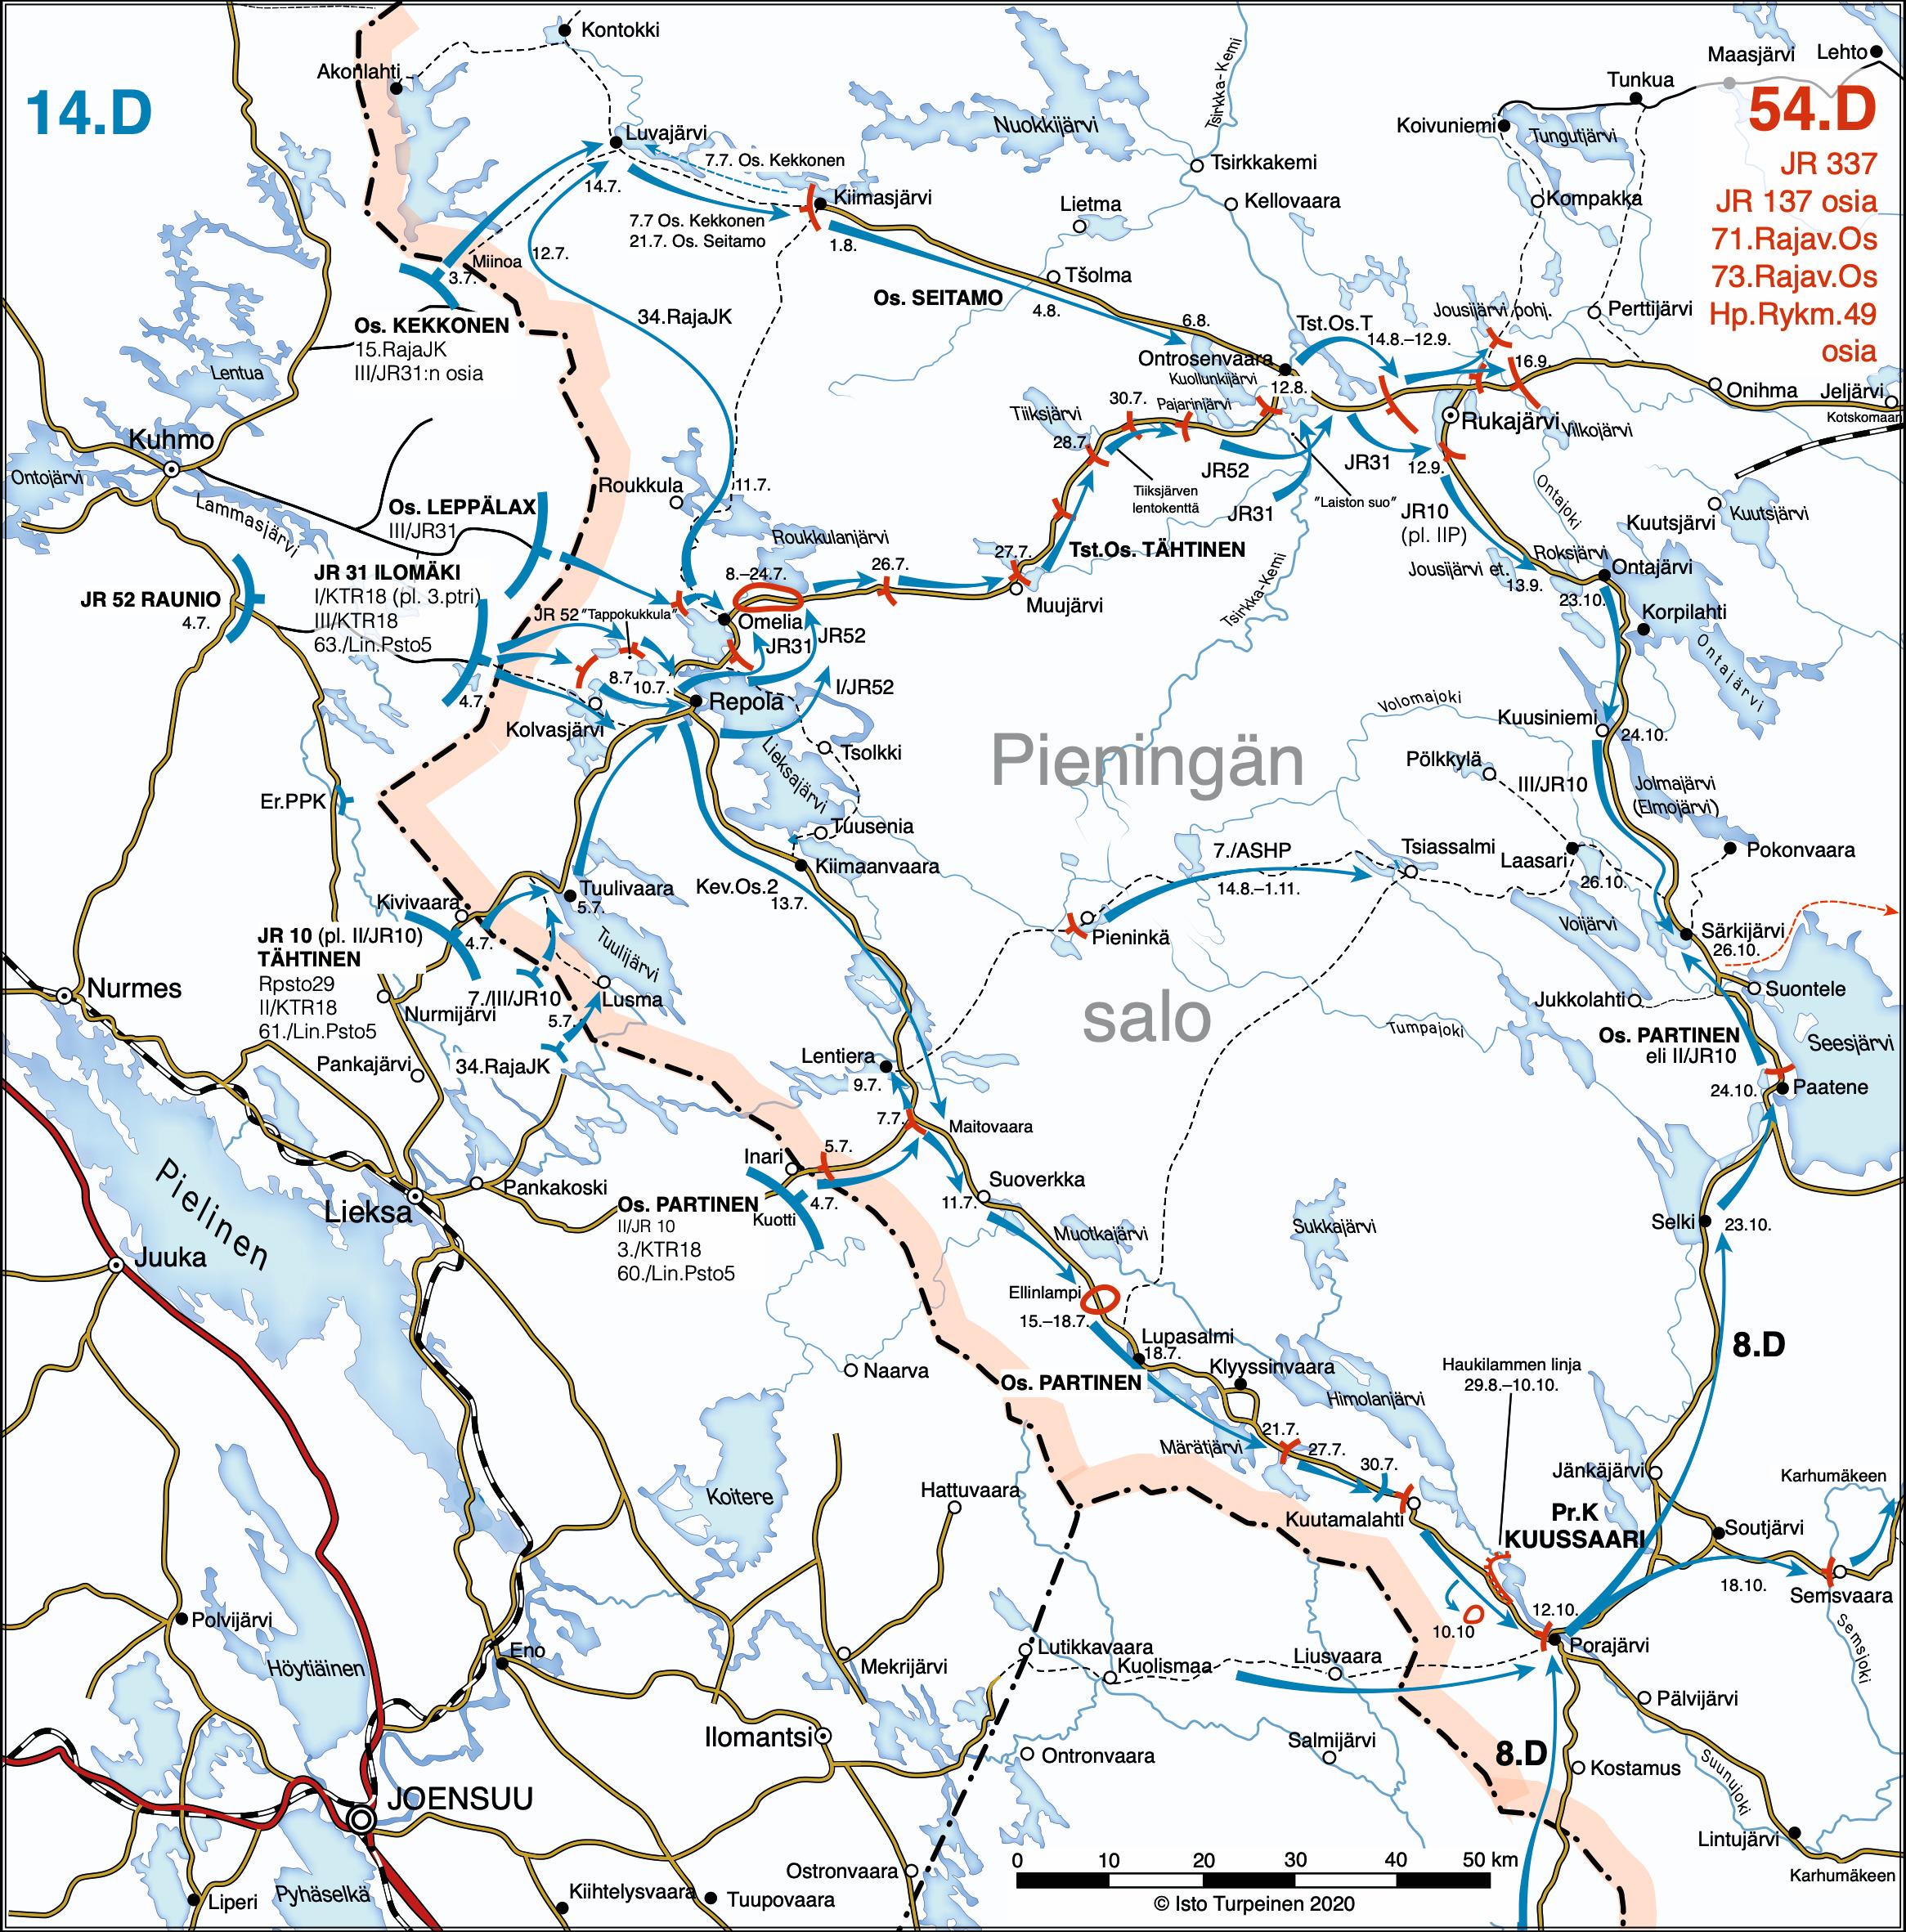 Rukajärven suunnan yleiskartta, jossa kuvattu hyökkäysvaiheen sotaliikkeet.